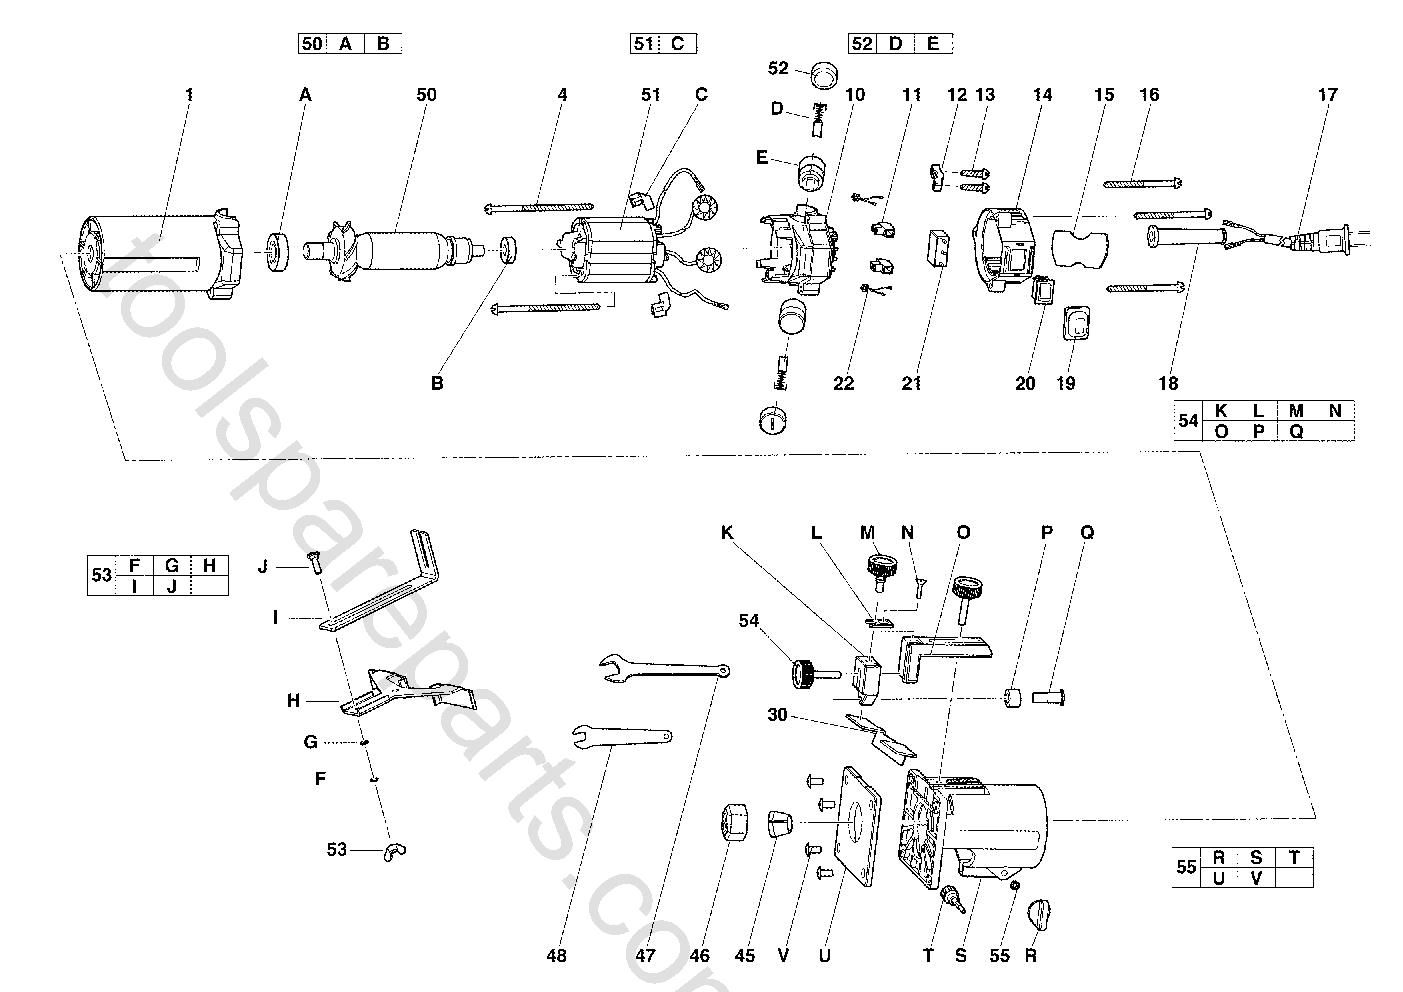 AEG LT400  Diagram 2